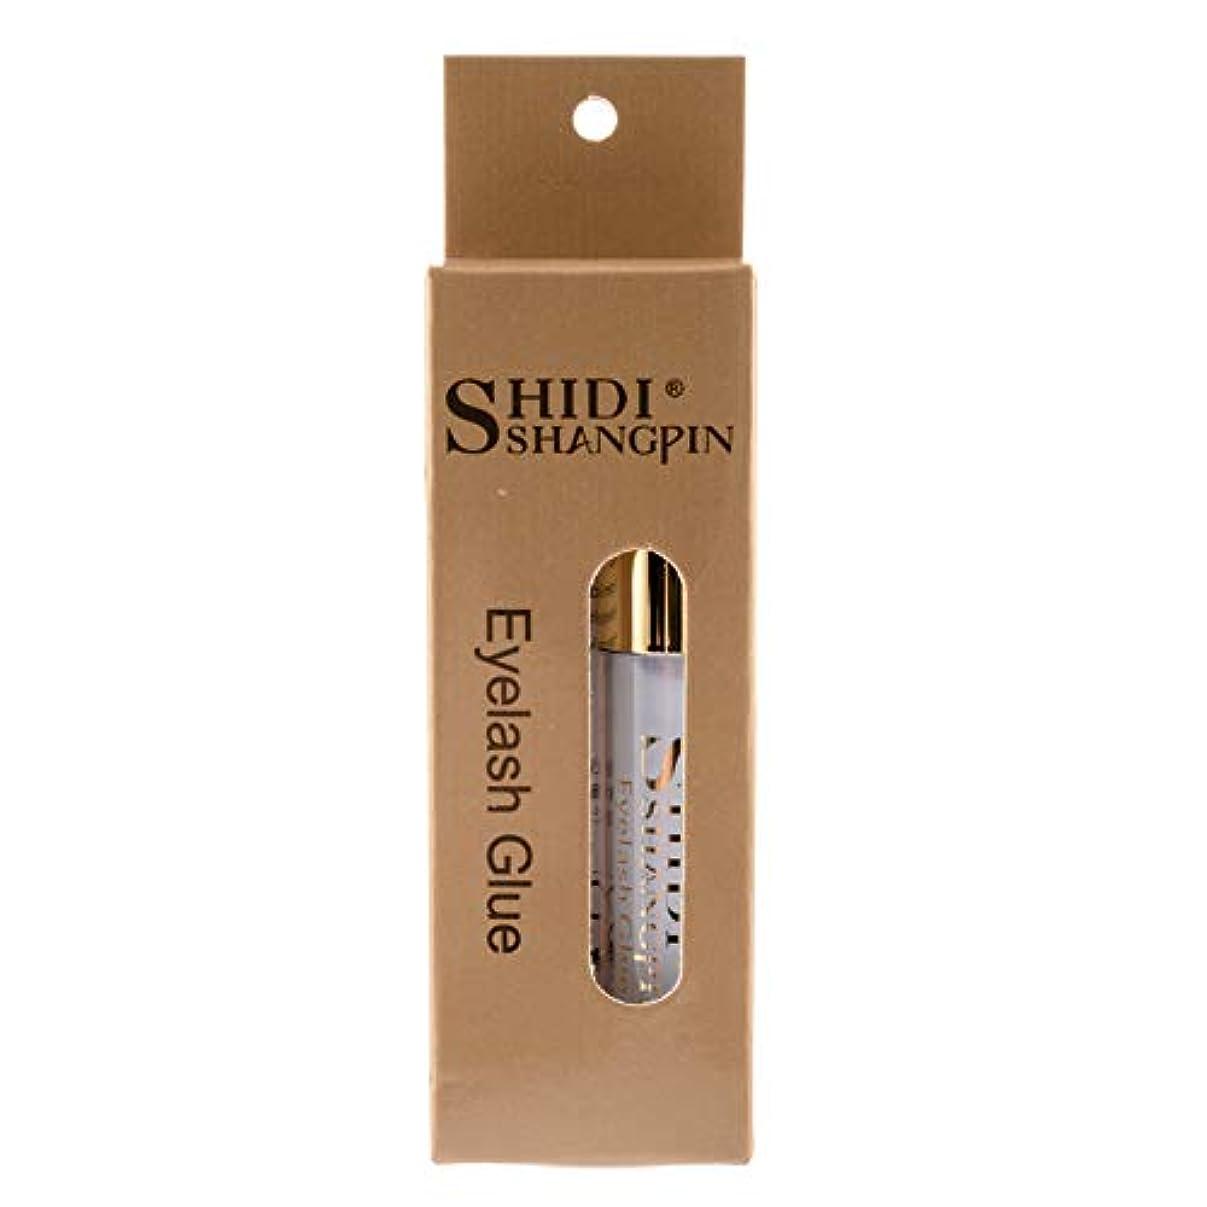 とにかく施し食物SHIDI SHANGPIN つけまつげ接着剤 超強力タイプスーパーフィット乳白色 5g